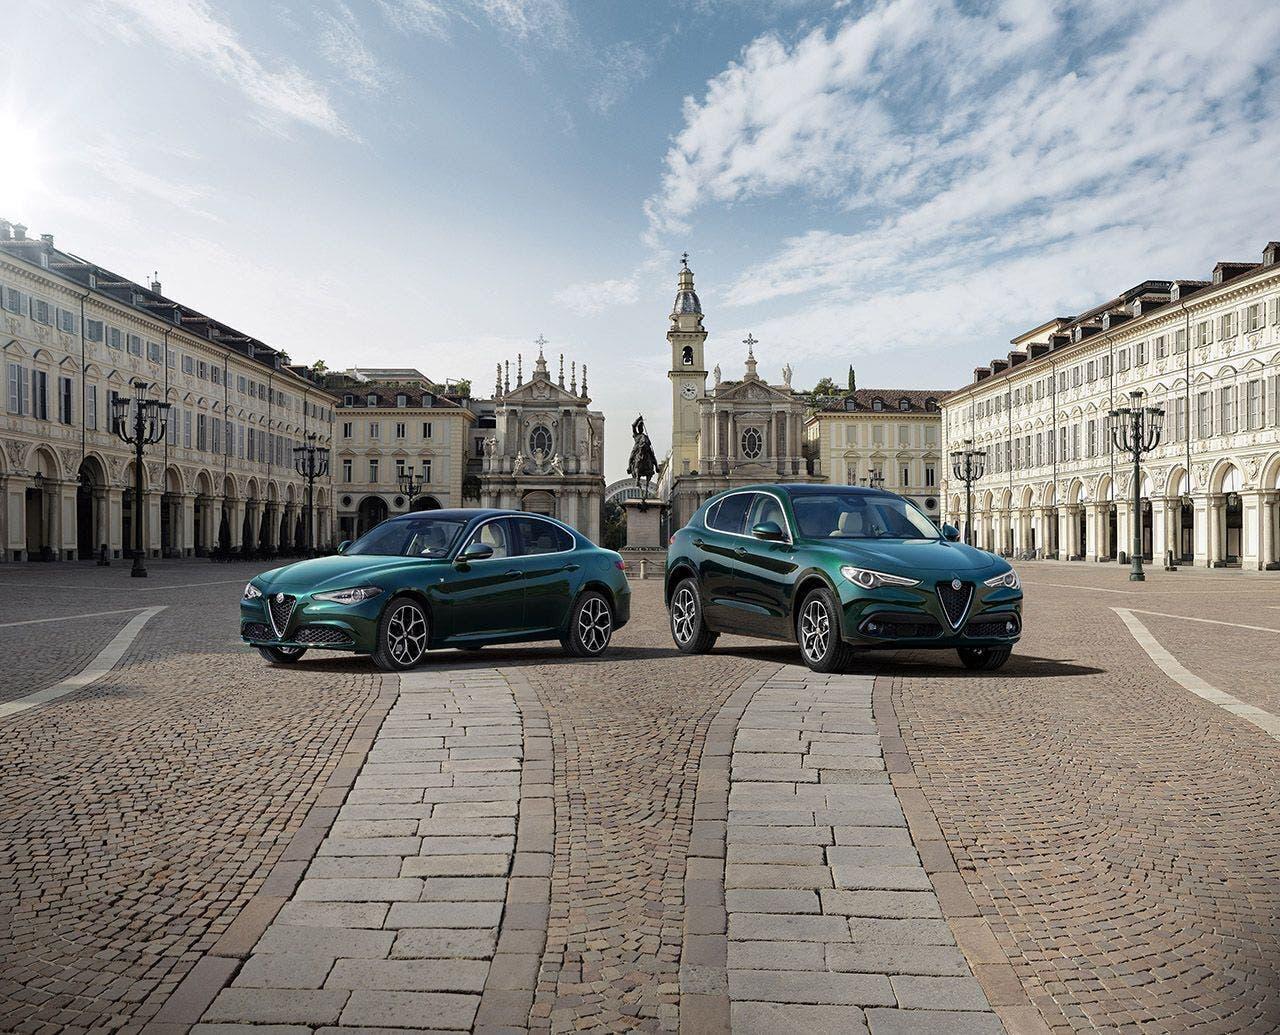 Alfa Romeo Giulia et Stelvio MY 2020: dans quelques jours les débuts des versions Quadrifoglio - Euro 2020